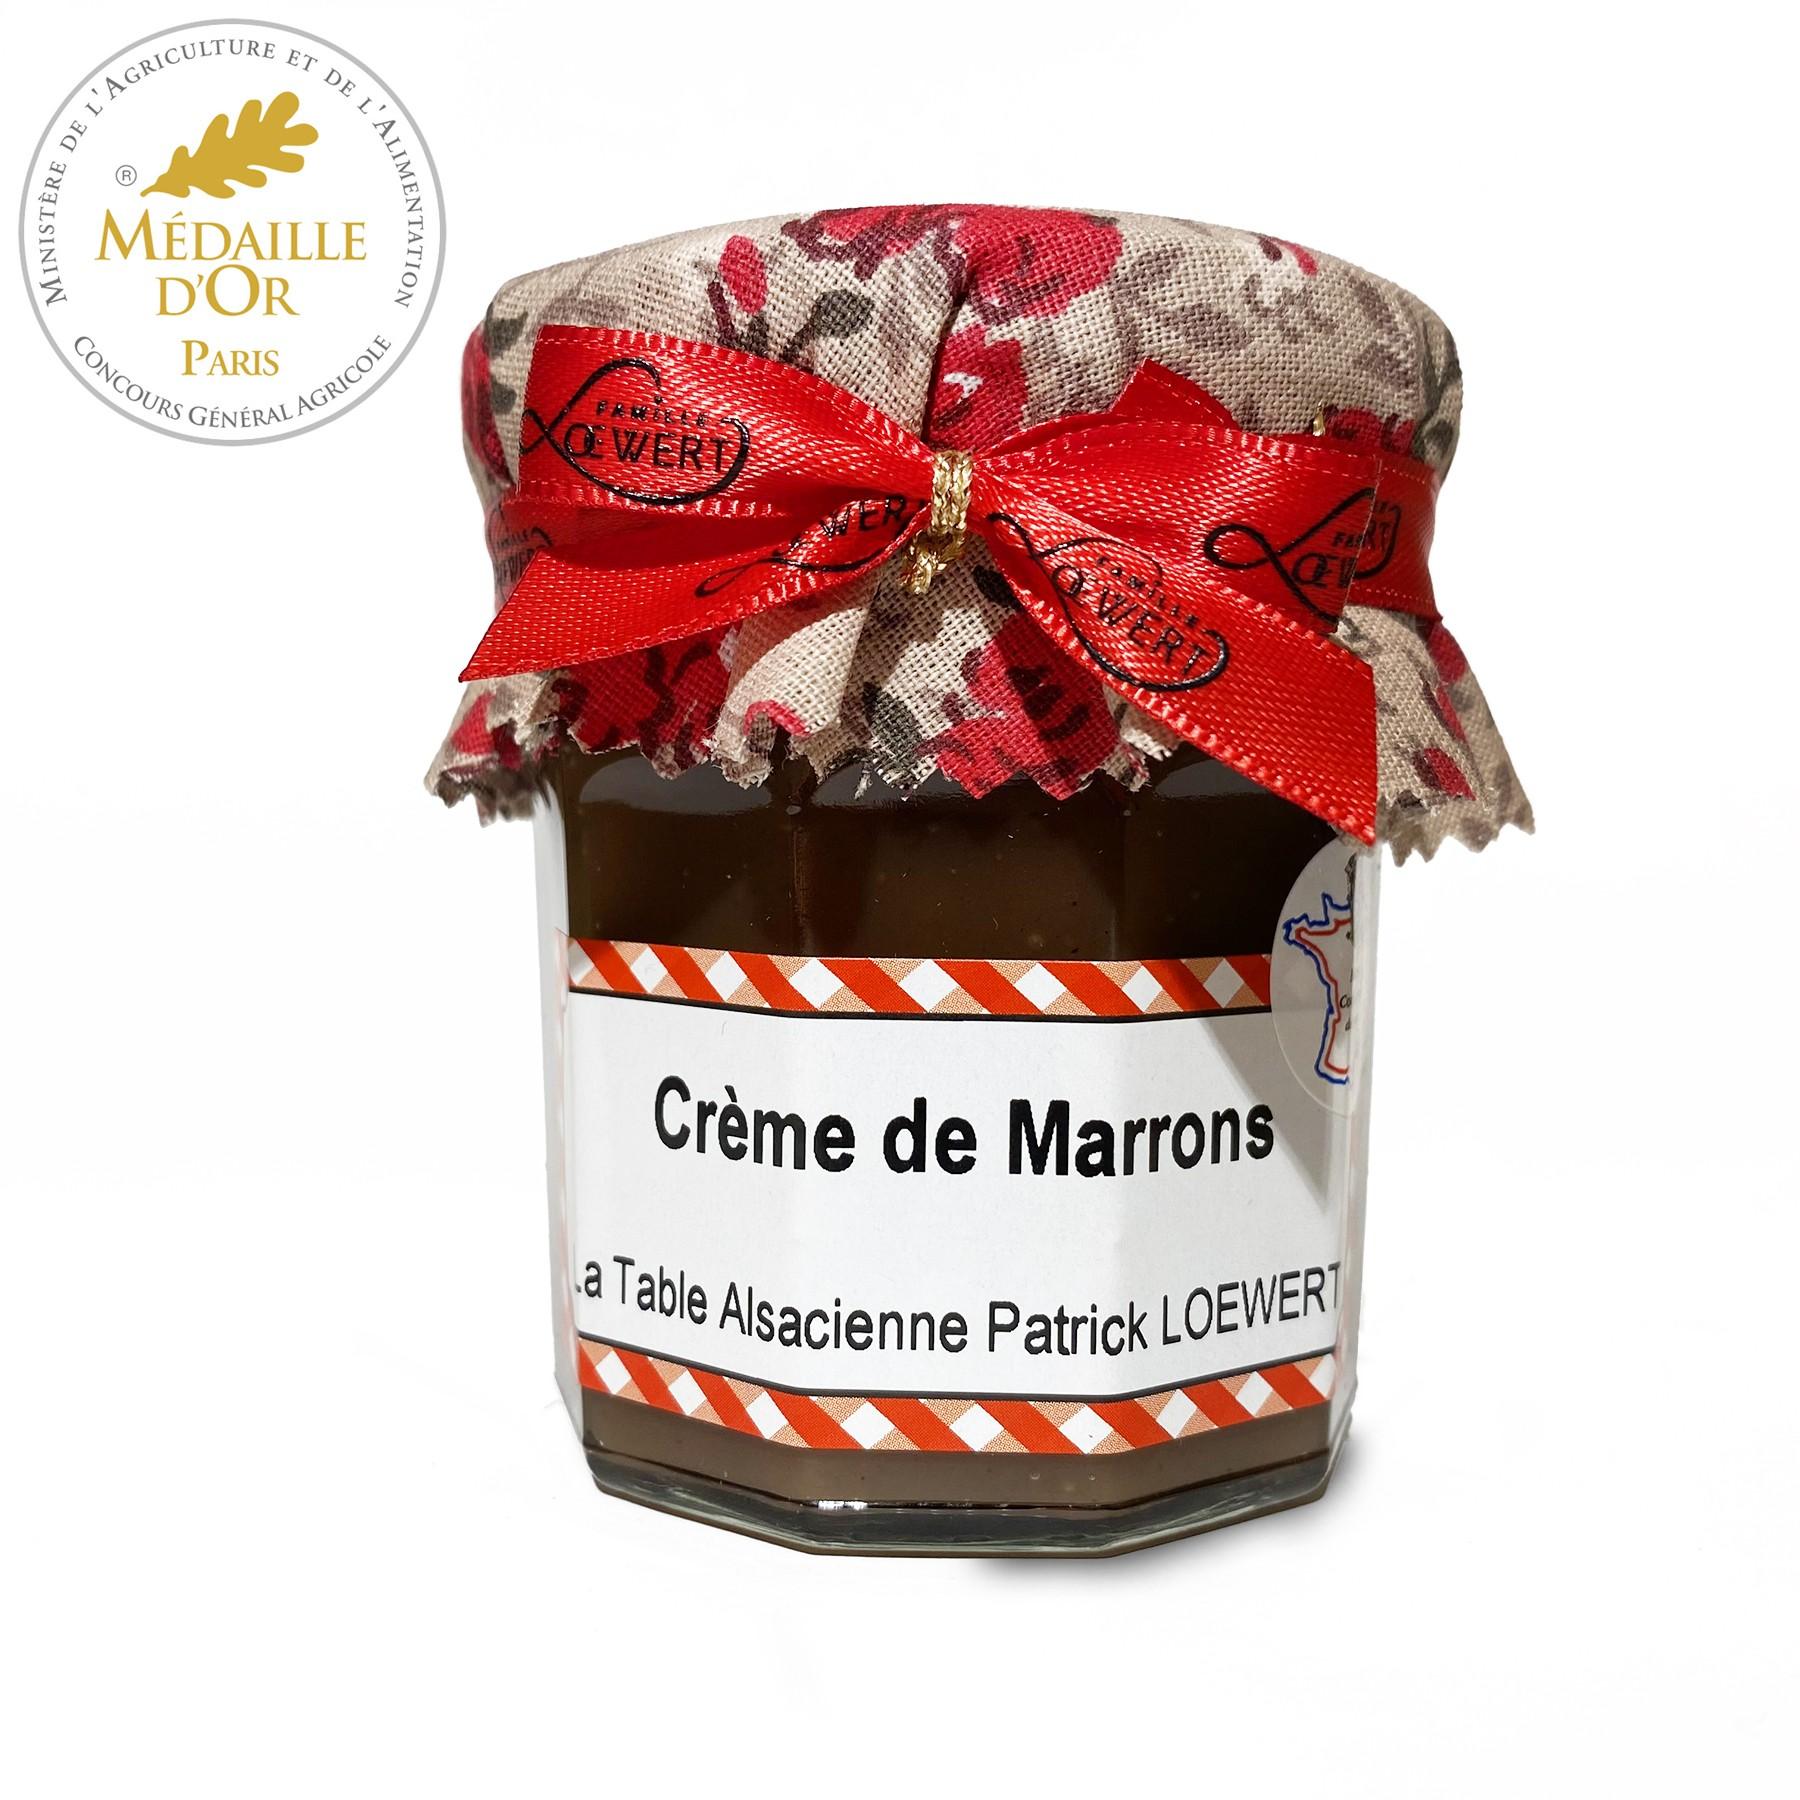 Crème de marron : OR 2016